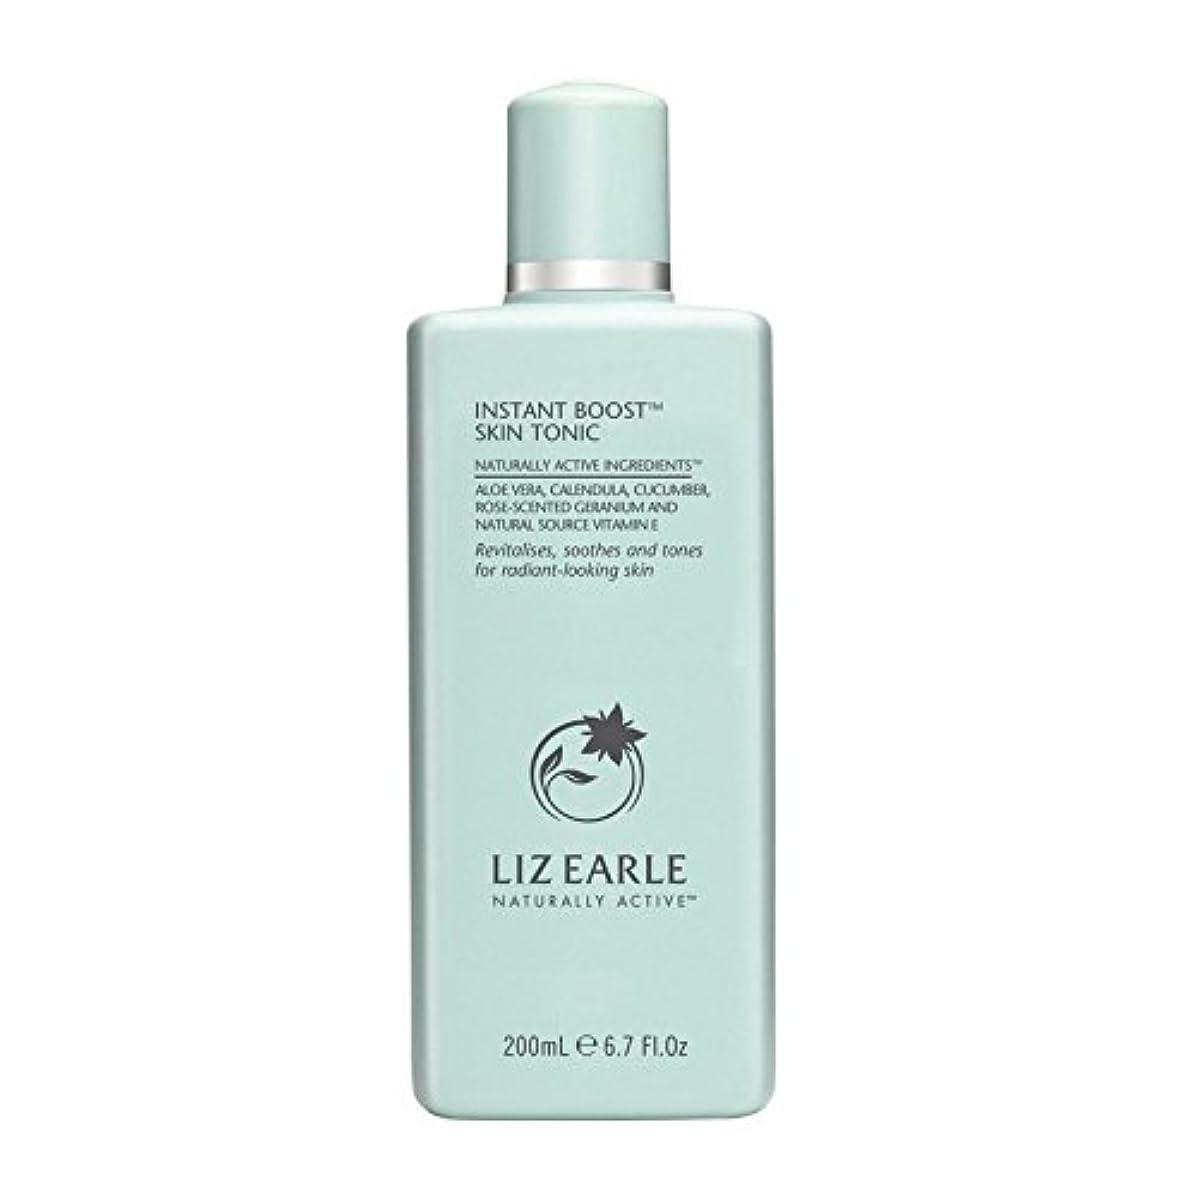 特性子犯罪Liz Earle Instant Boost Skin Tonic Bottle 200ml (Pack of 6) - リズアールインスタントブーストスキントニックボトル200ミリリットル x6 [並行輸入品]